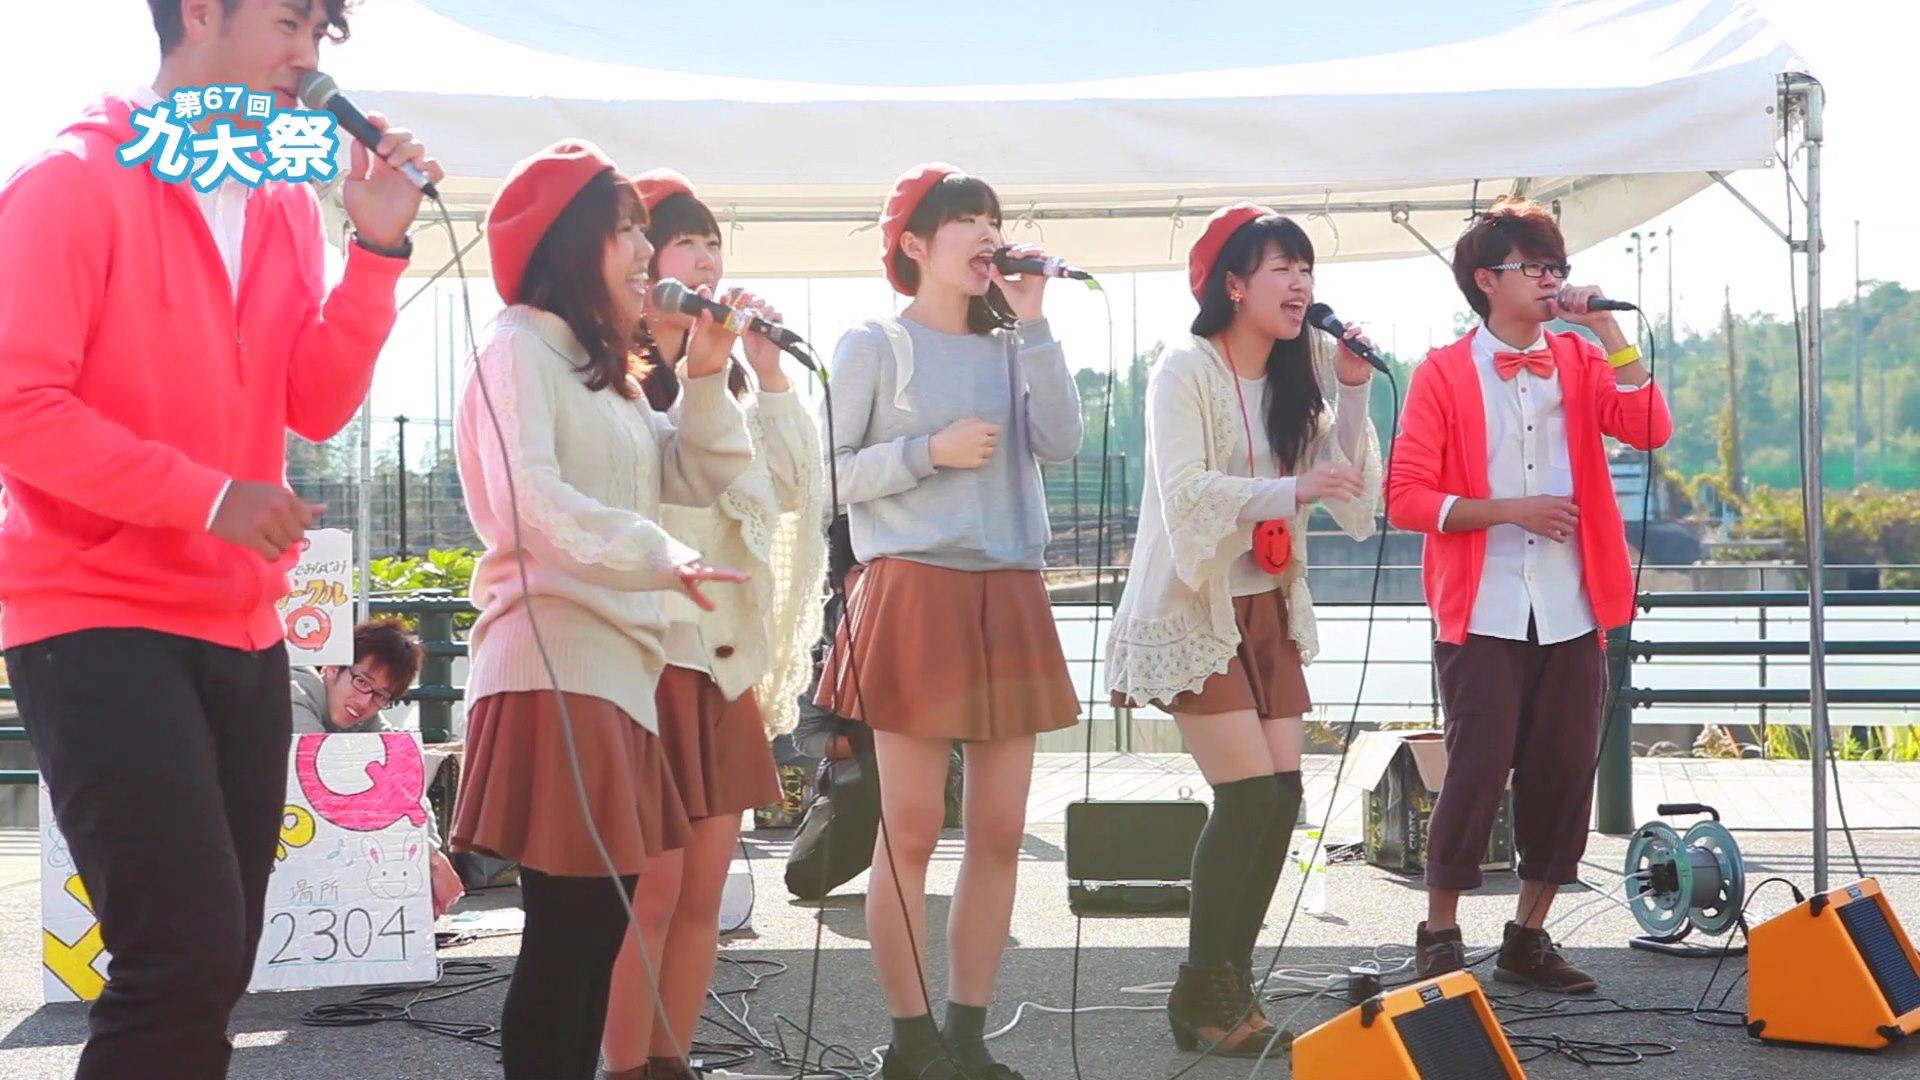 第67回 九州大学学祭.mov_000171633